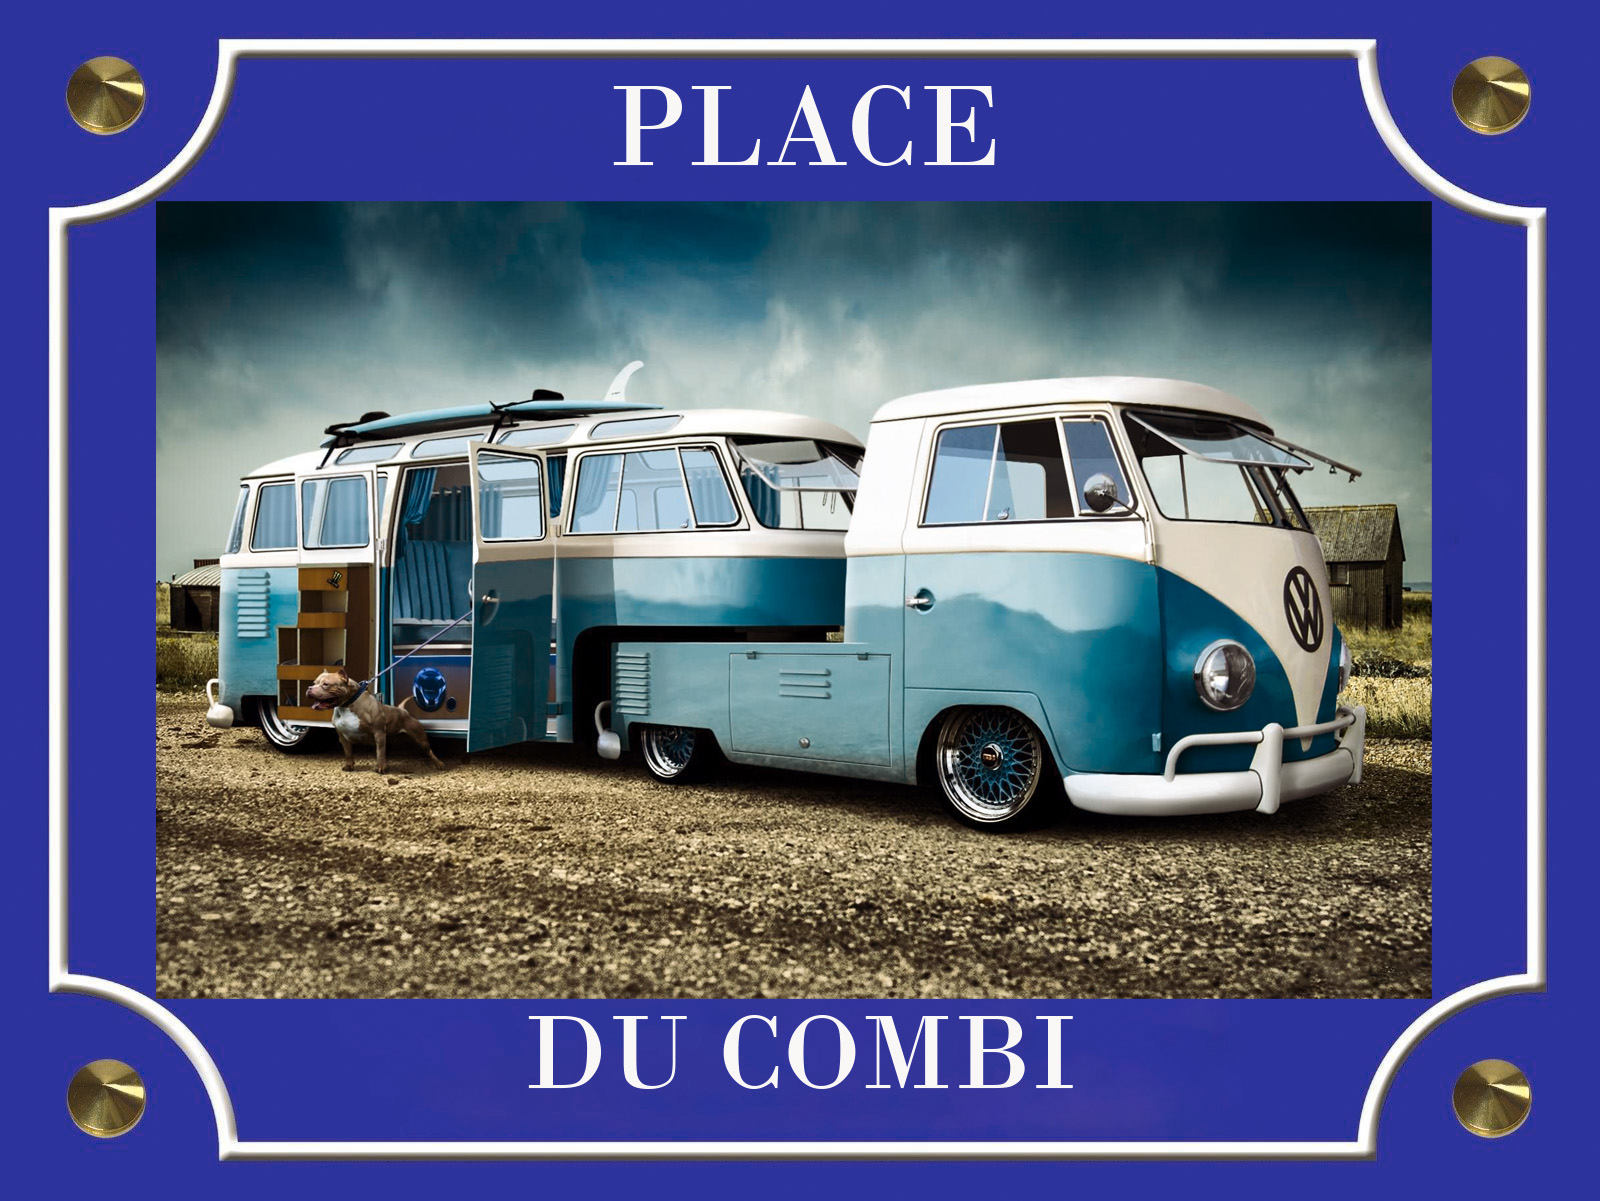 PLACE DE LA COX & COMBI BLEU